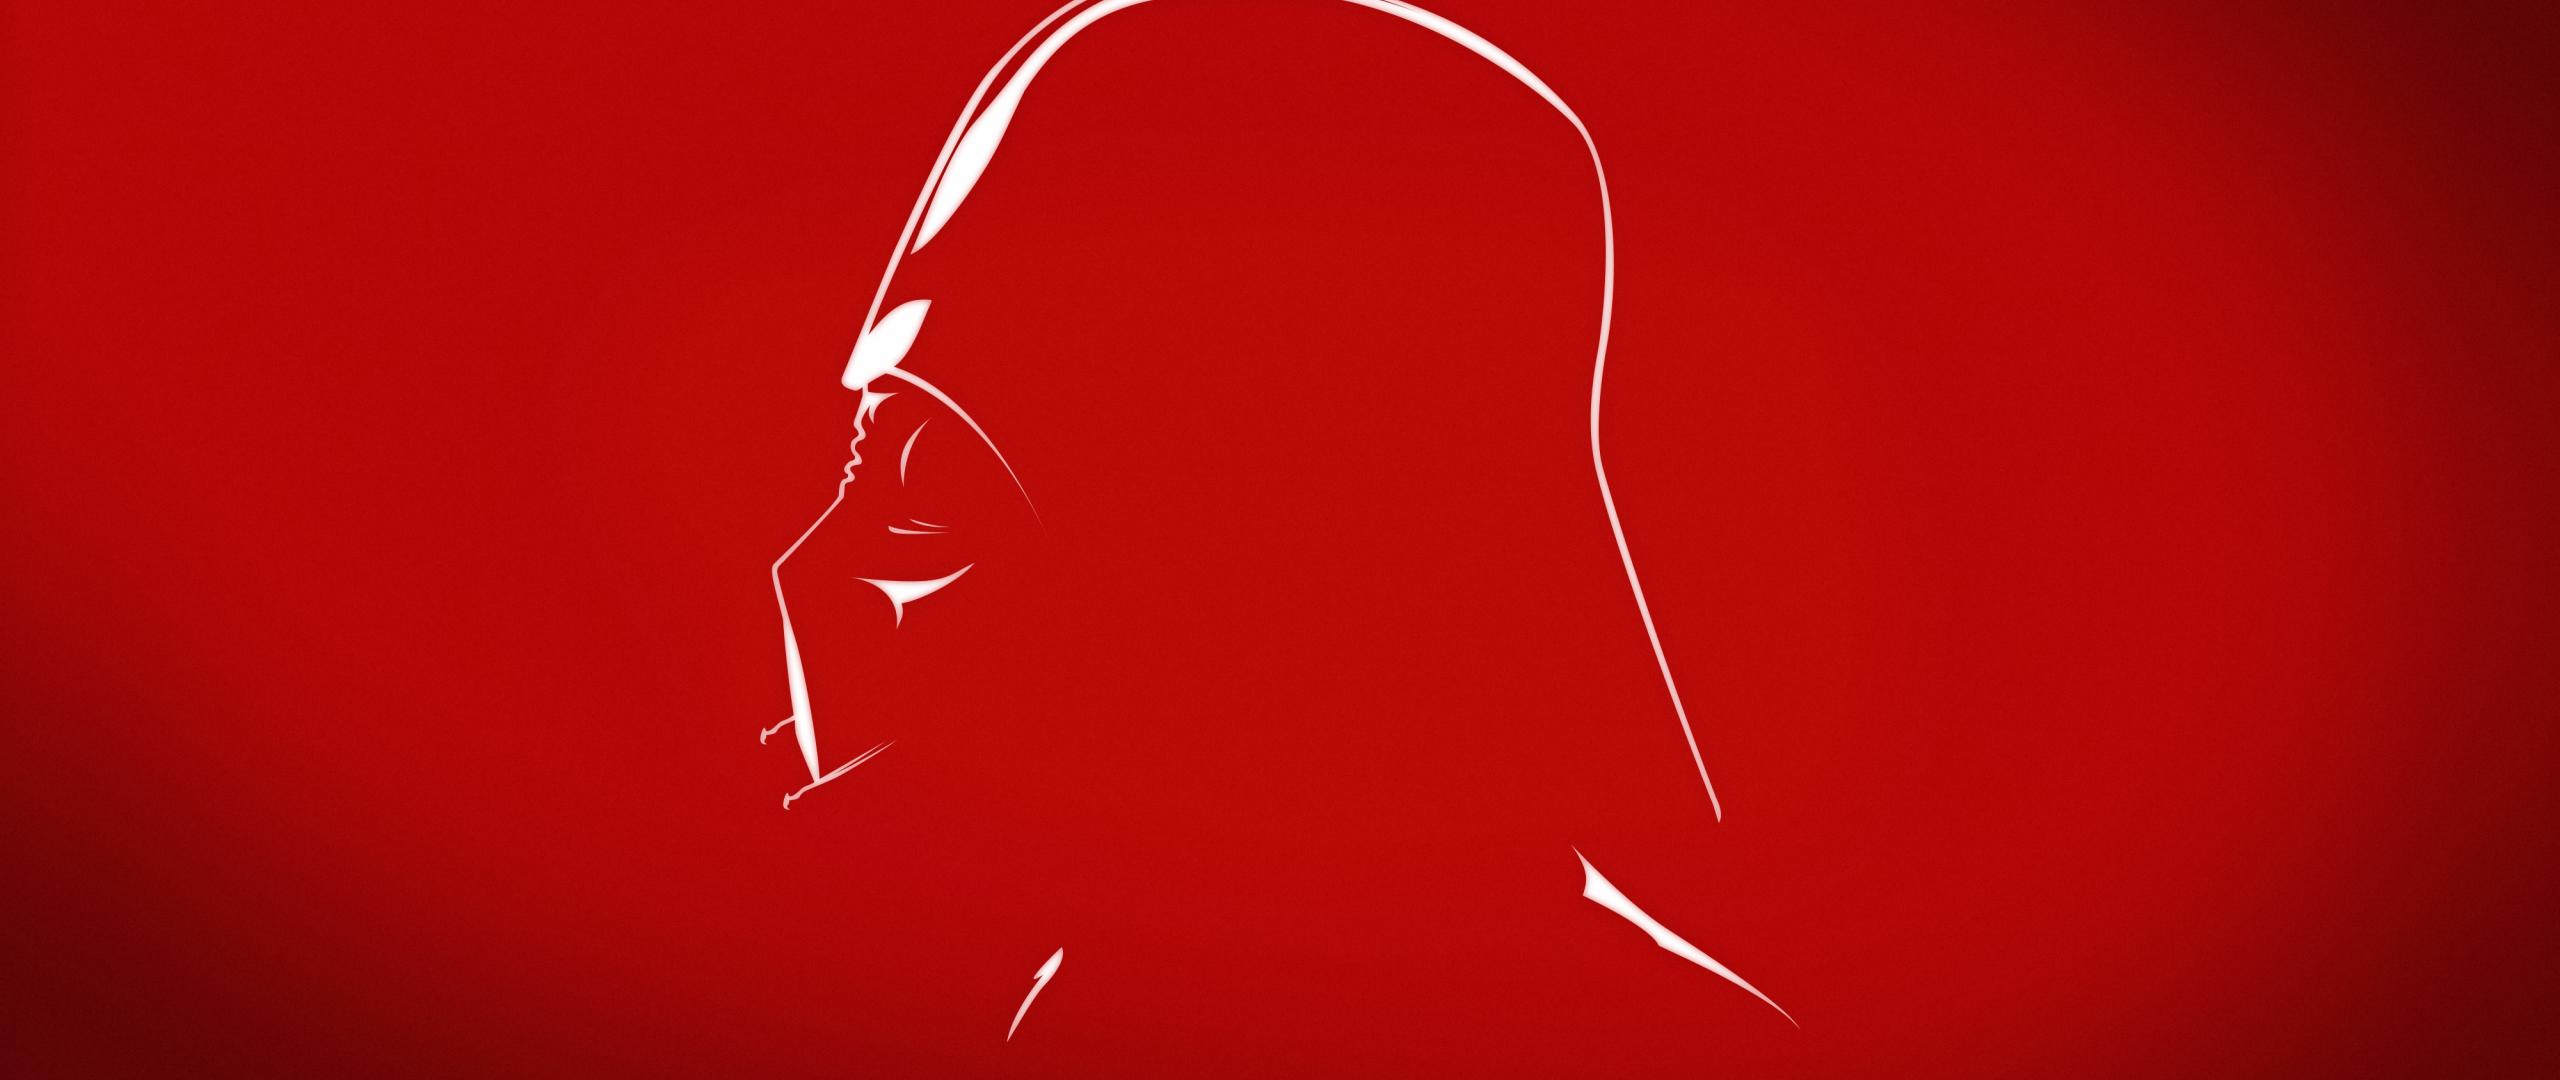 Darth Vader villain minimal wallpaper